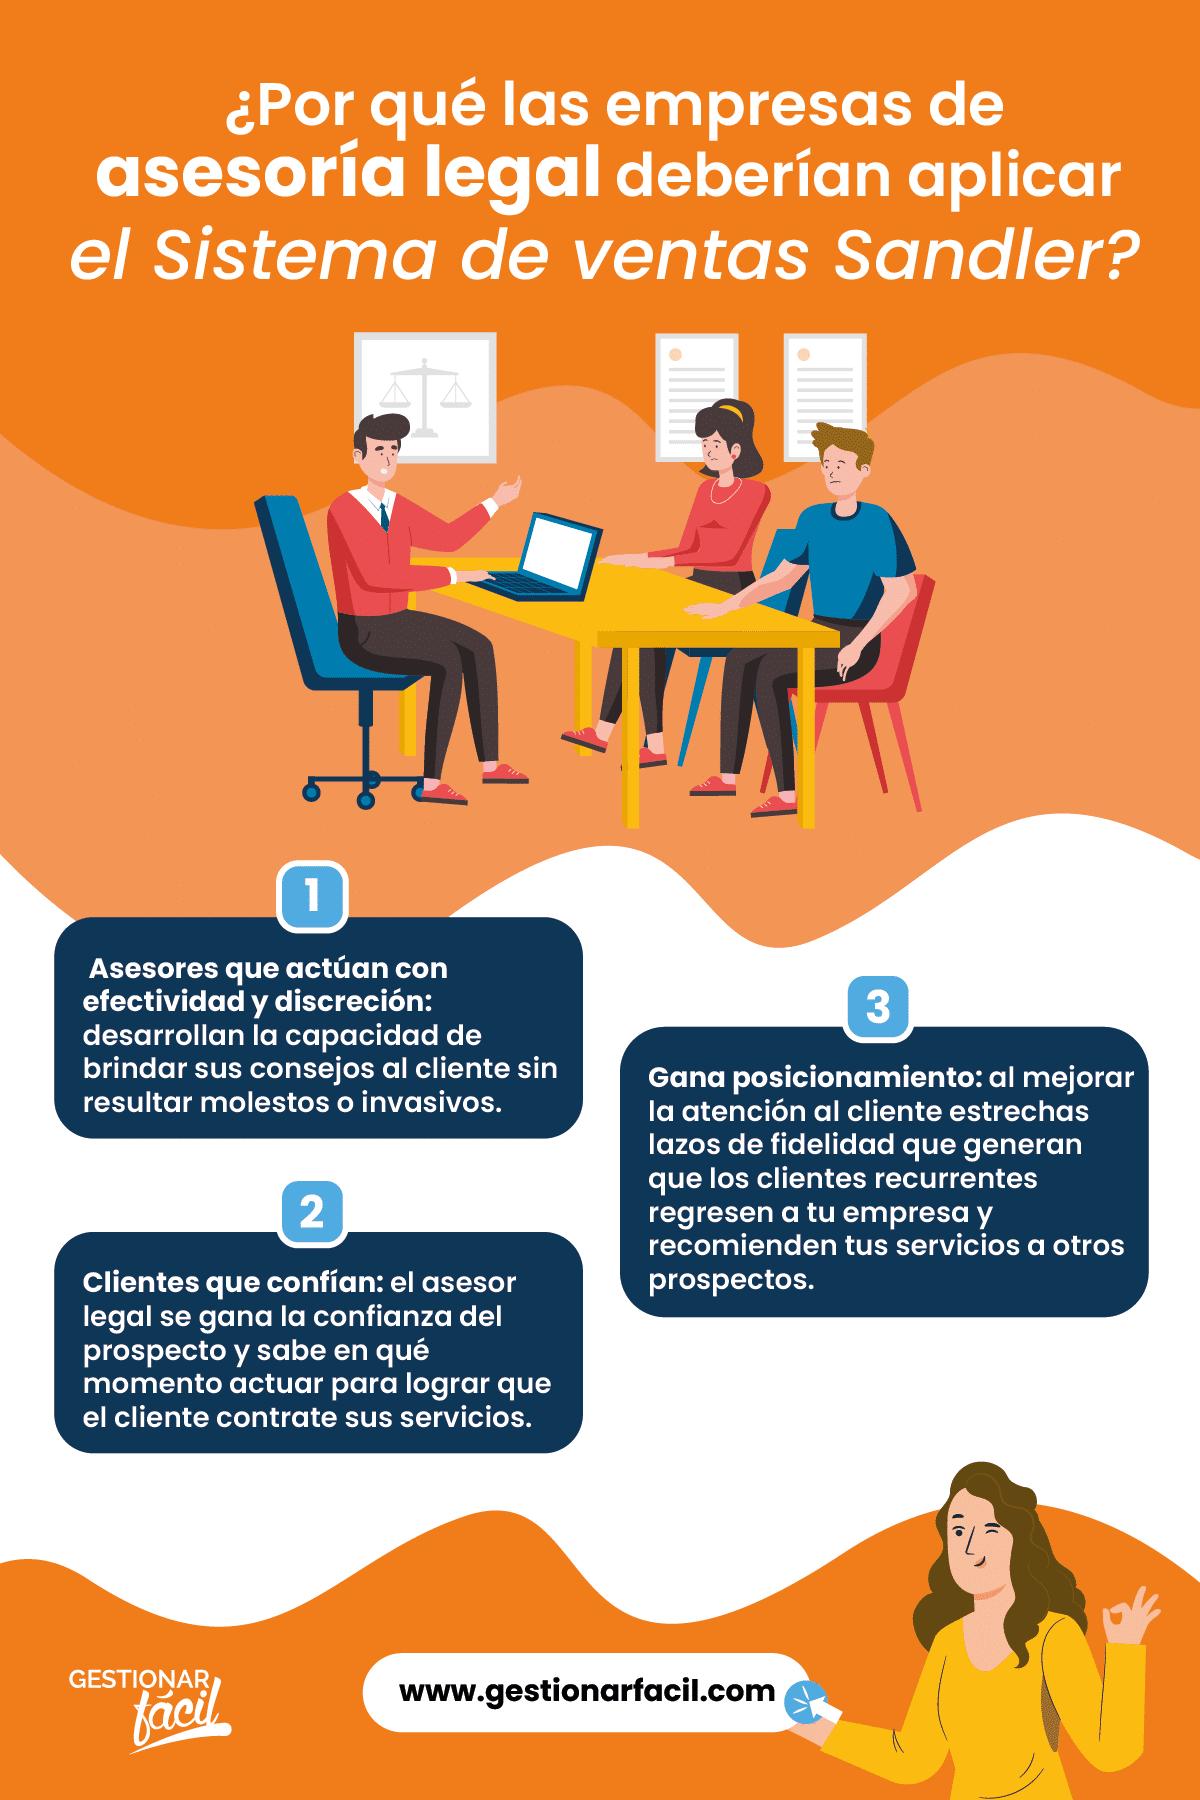 Sistema de ventas sandler en empresas de asesoría legal